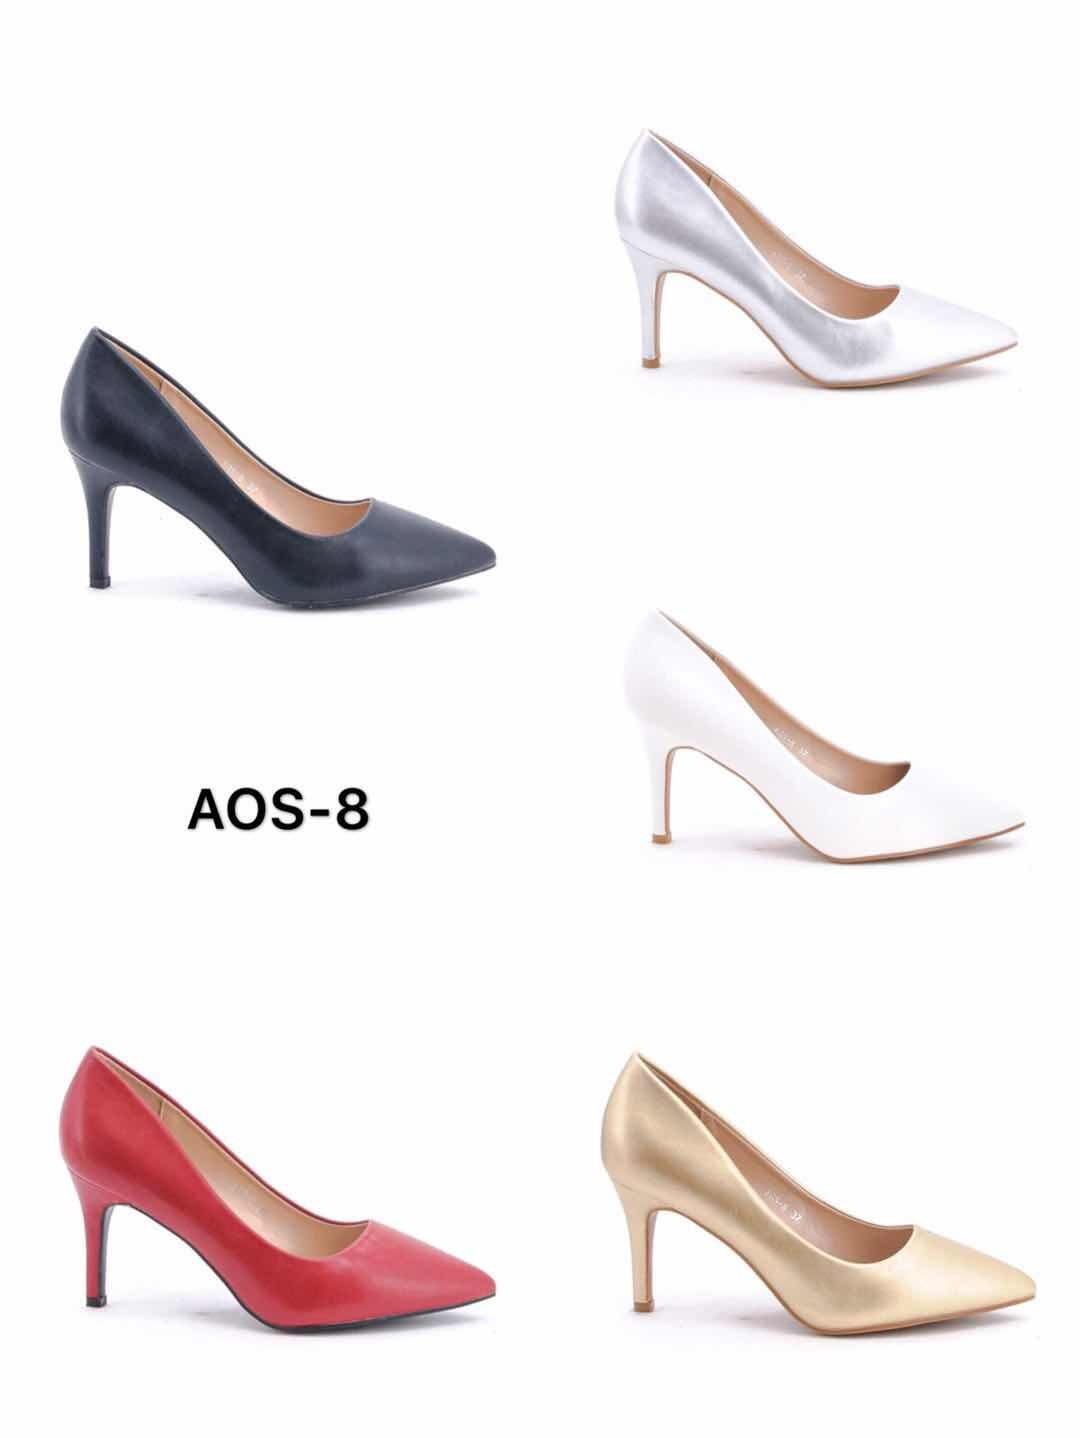 AOS-8